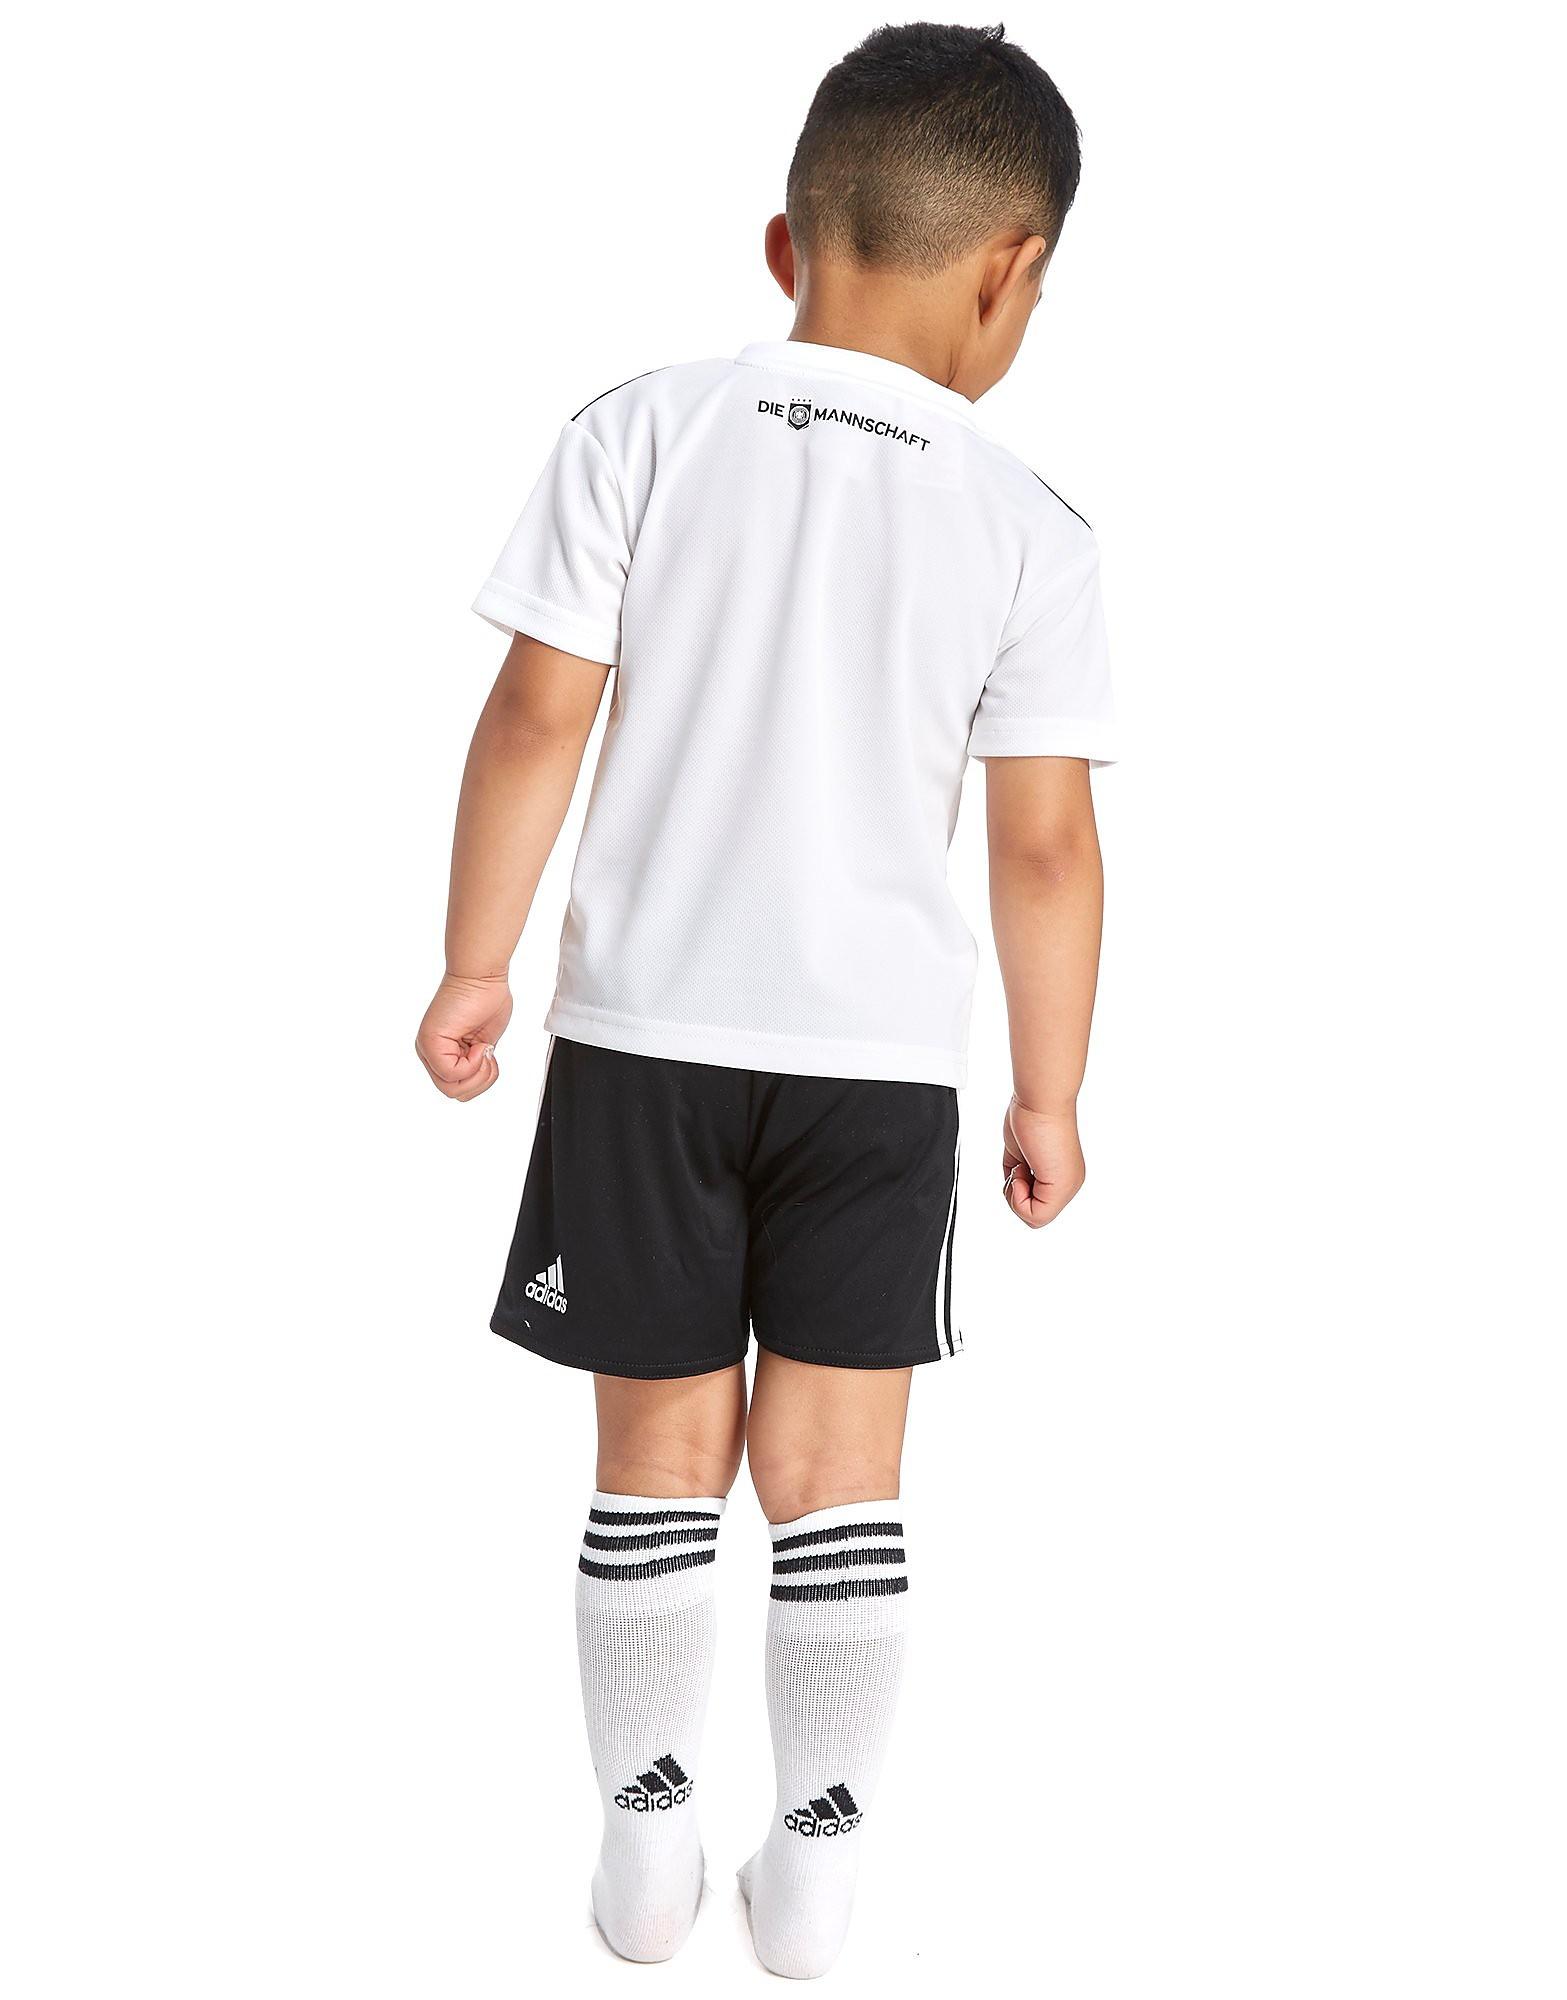 adidas DFB Deutschland 2017/18 Mini Kit Children